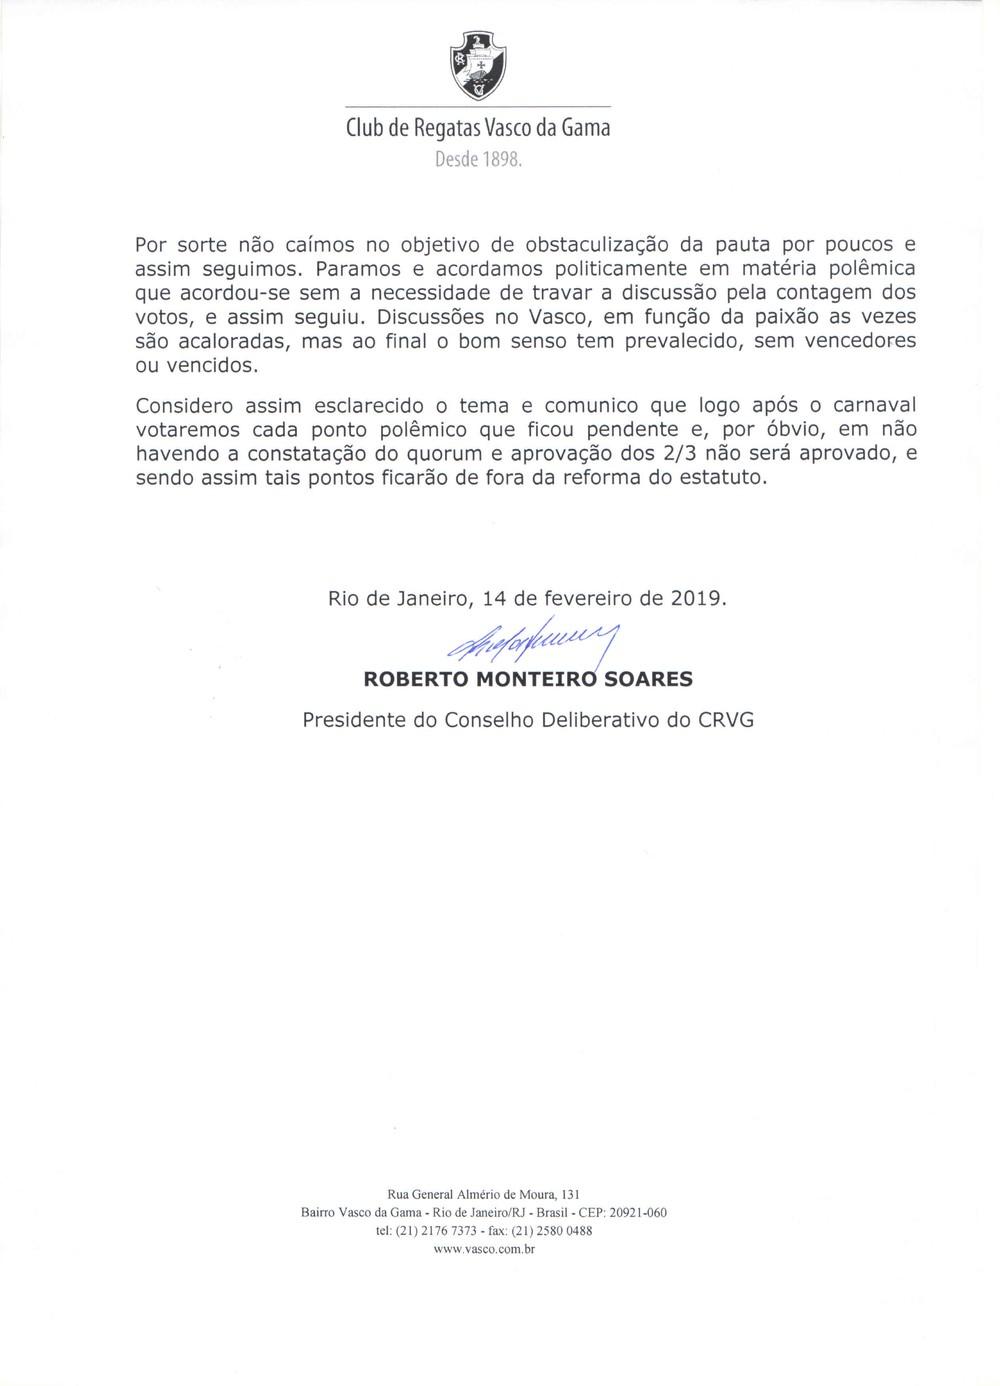 Nota oficial de Roberto Monteiro